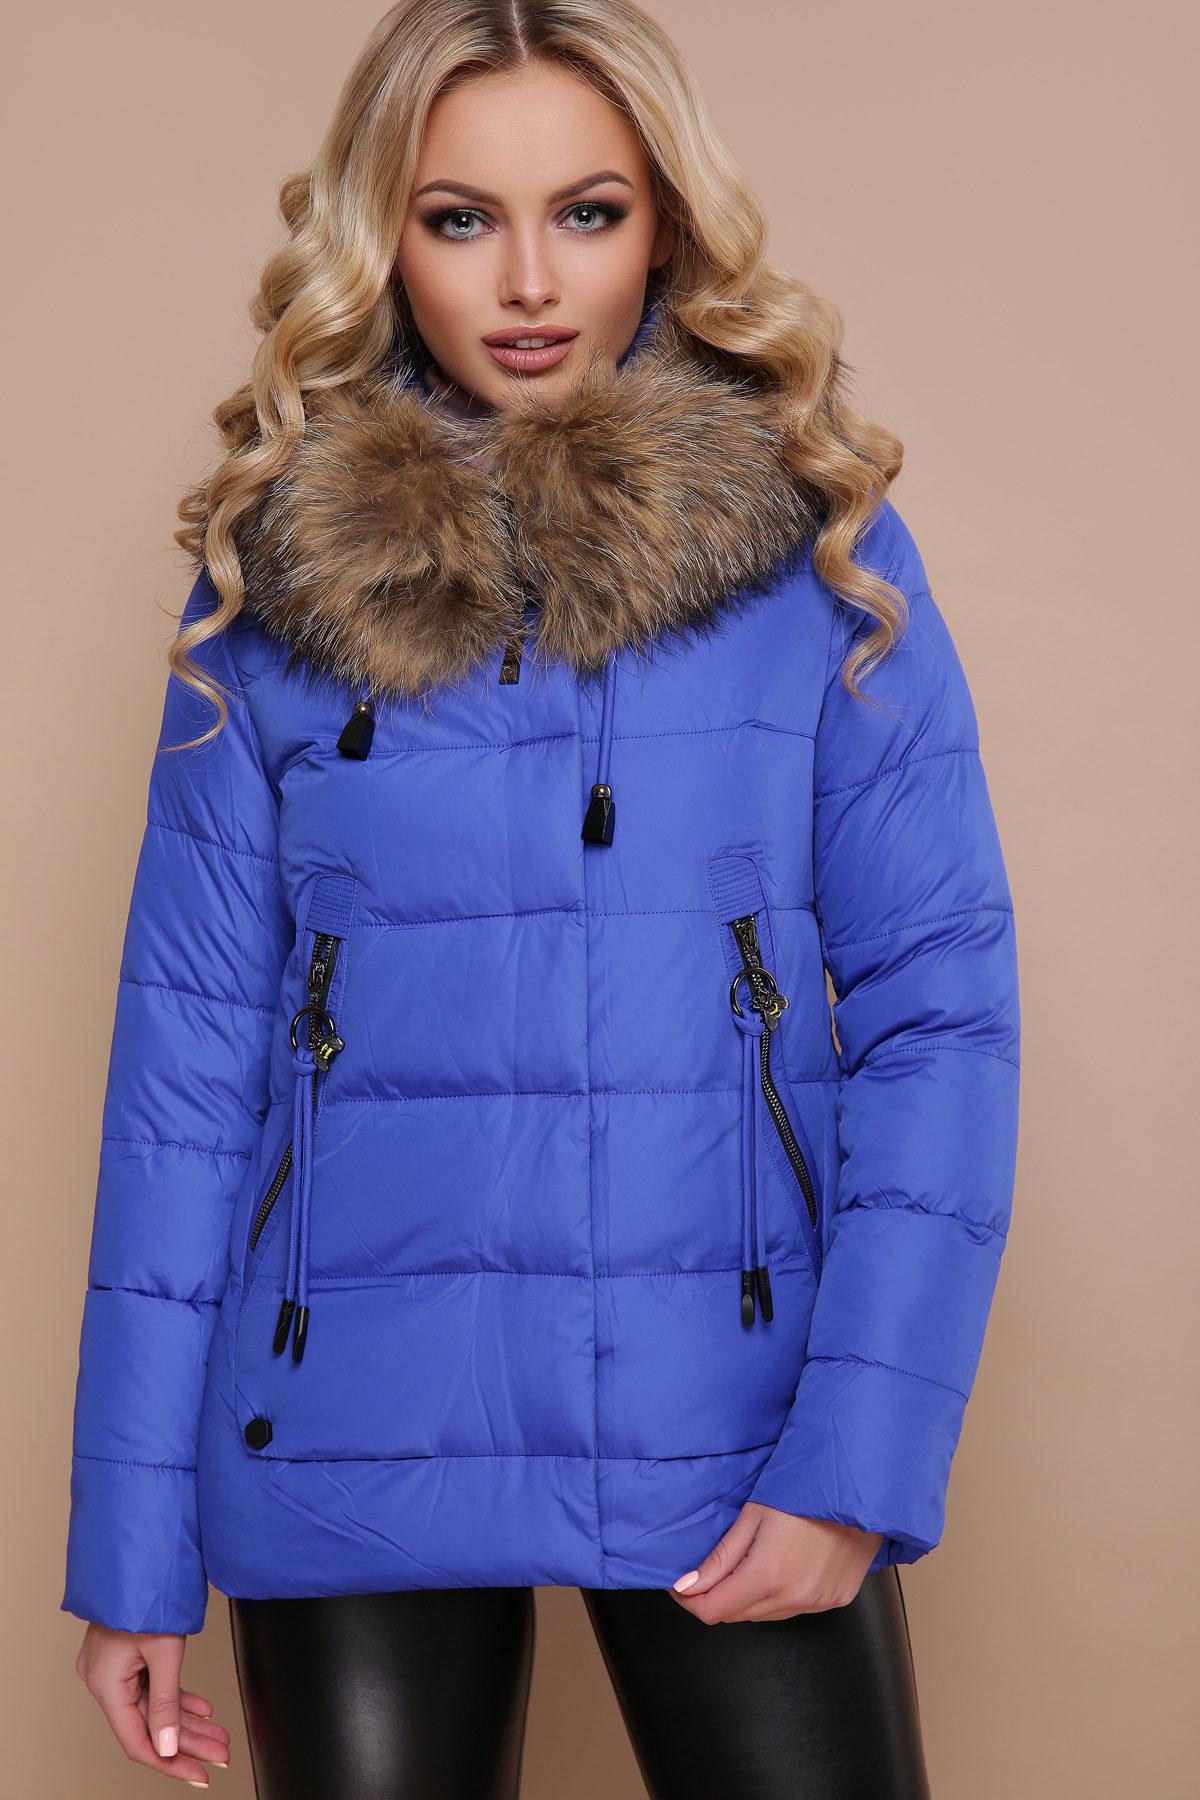 Удлиненная зимняя куртка женская